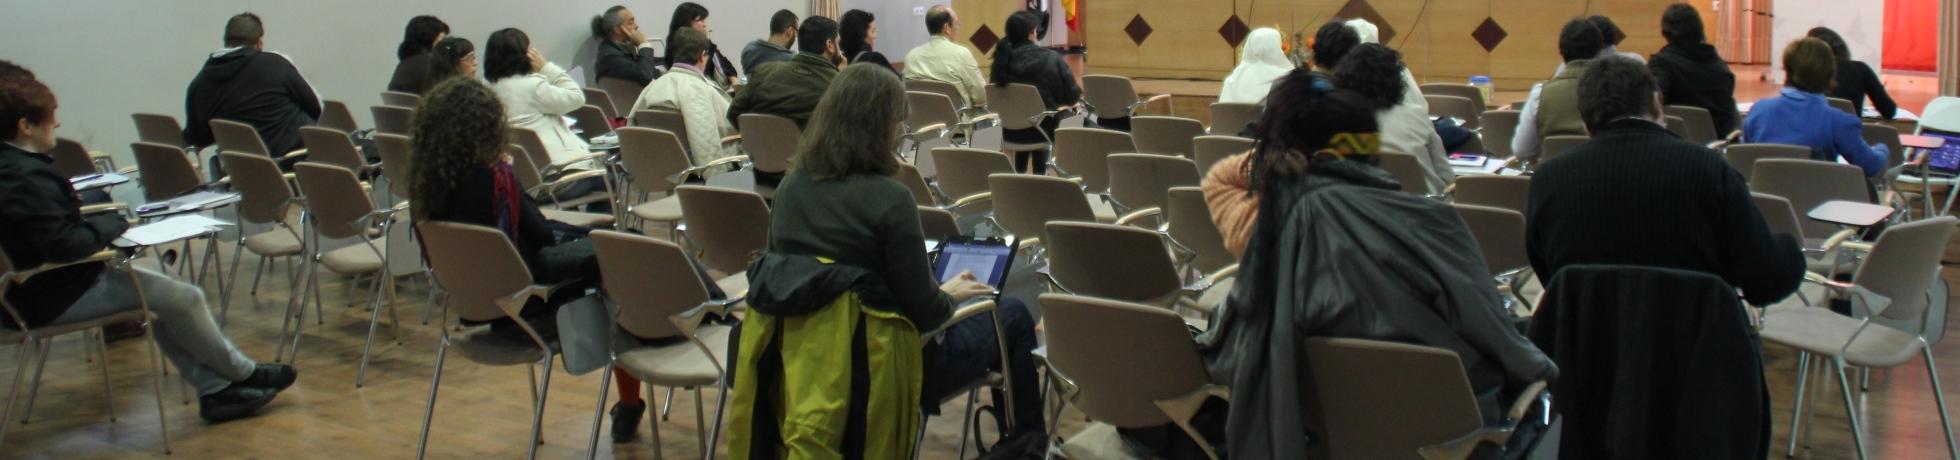 Sesión de Estudios de Profesionales Cristianos 2011